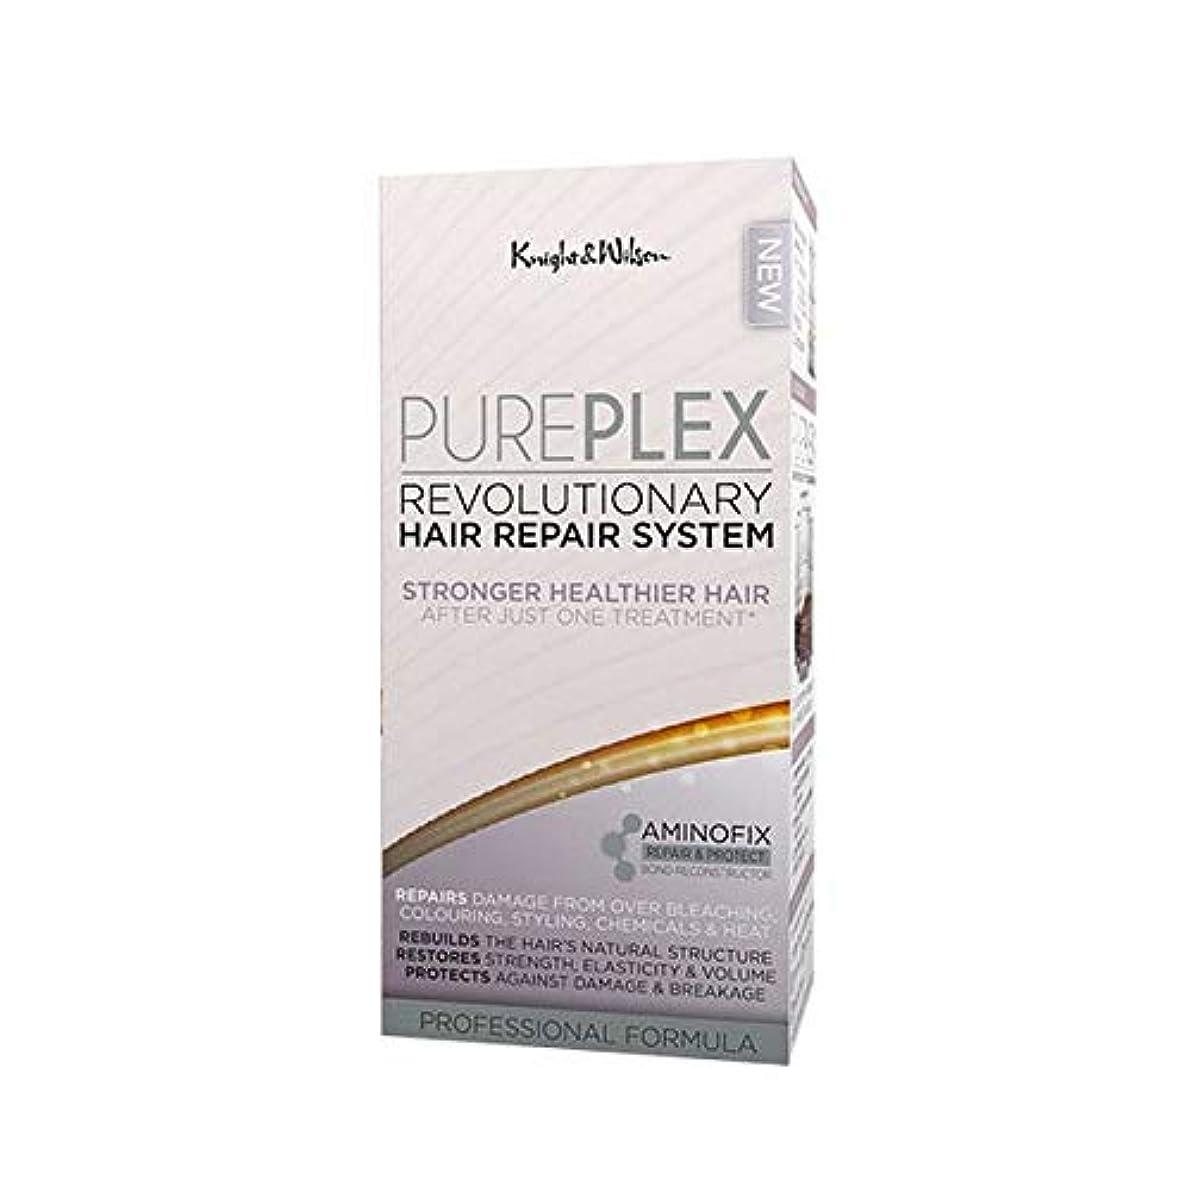 怒っているすき手段[Knight and Wilson ] 騎士とウィルソンPureplex画期的なヘア修復システム - Knight and Wilson PurePlex Revolutionary Hair Repair System...